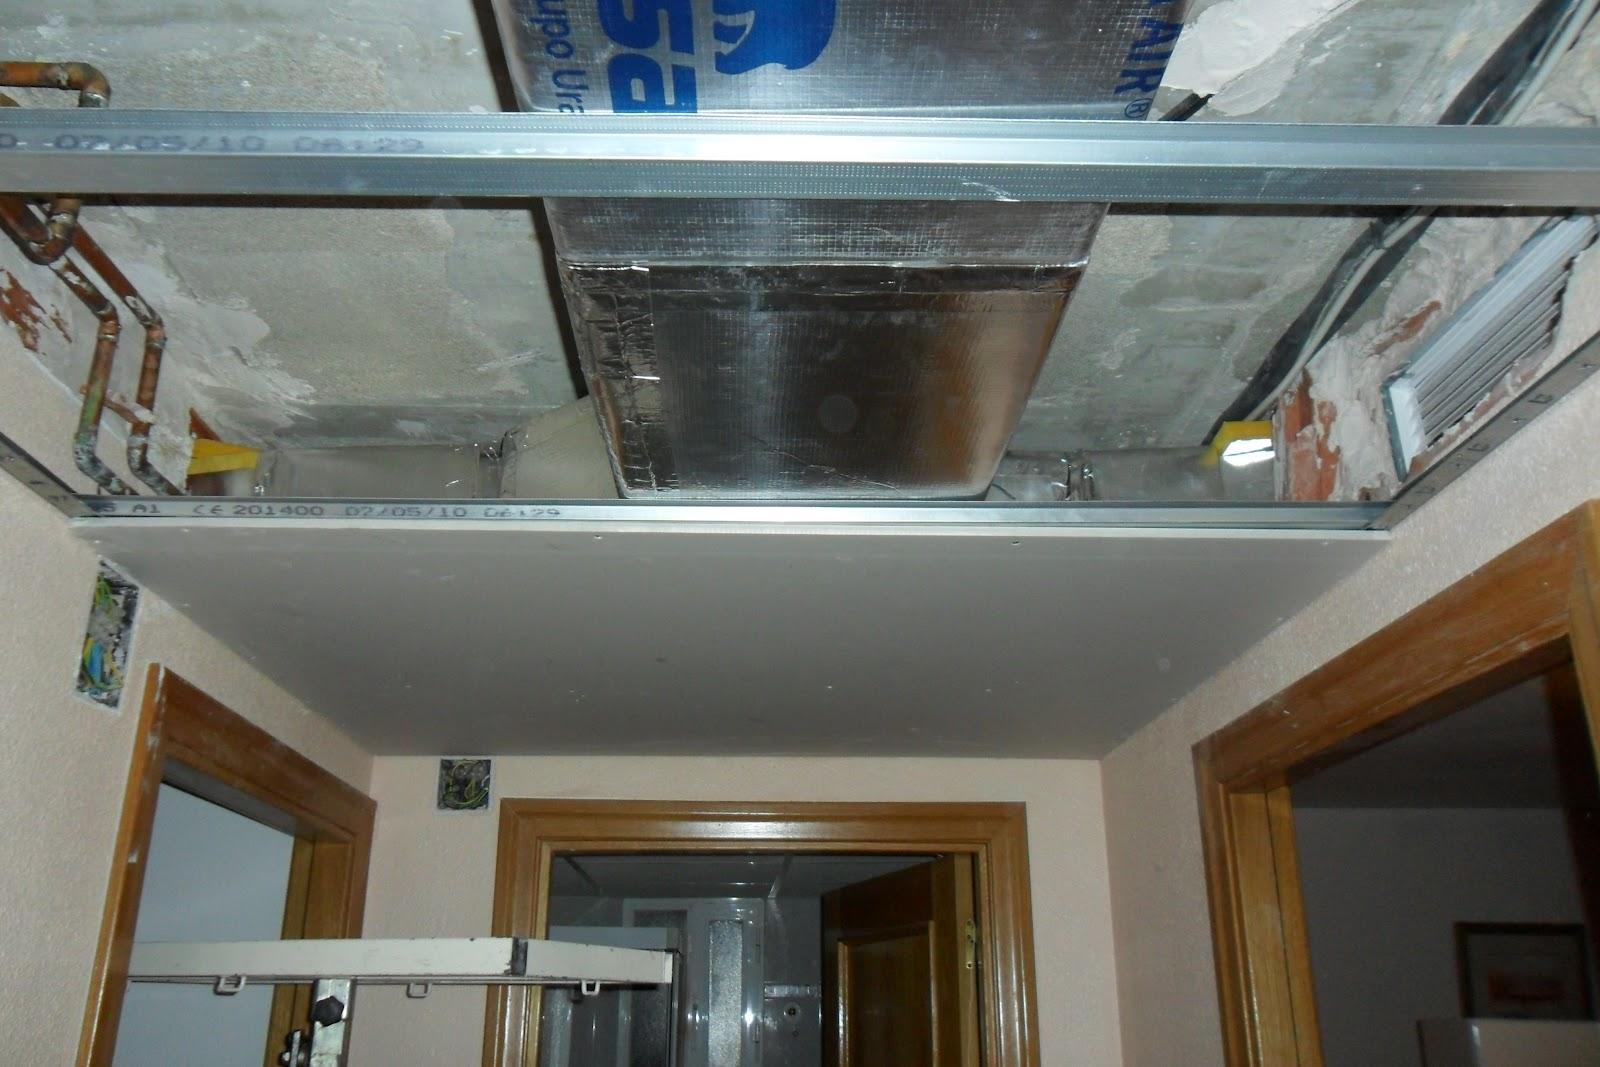 Alicantina de instalaciones m s fotos de orificios de for Rejillas aire acondicionado regulables